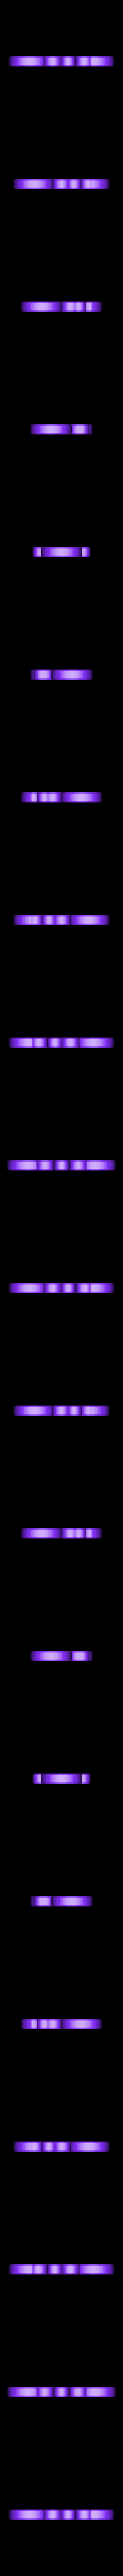 Base_-_Large_Bump.stl Télécharger fichier STL gratuit ADHD Fidget Toy • Modèle pour impression 3D, Yuval_Dascalu